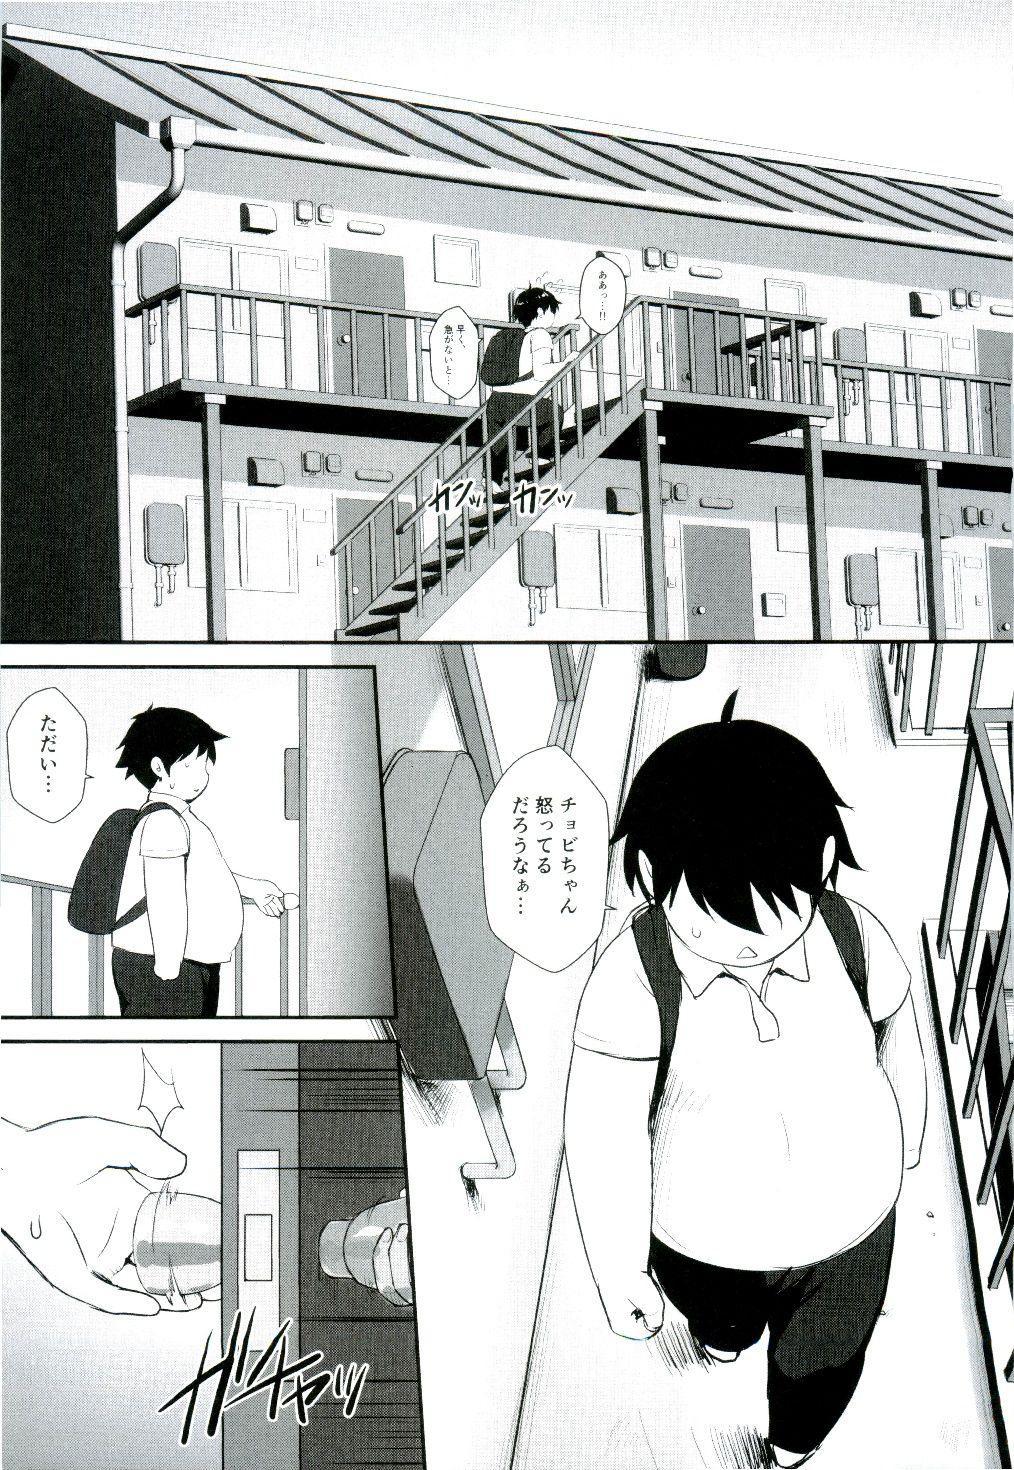 Chovy-chan to Boku no Ninshin Katsudou 1